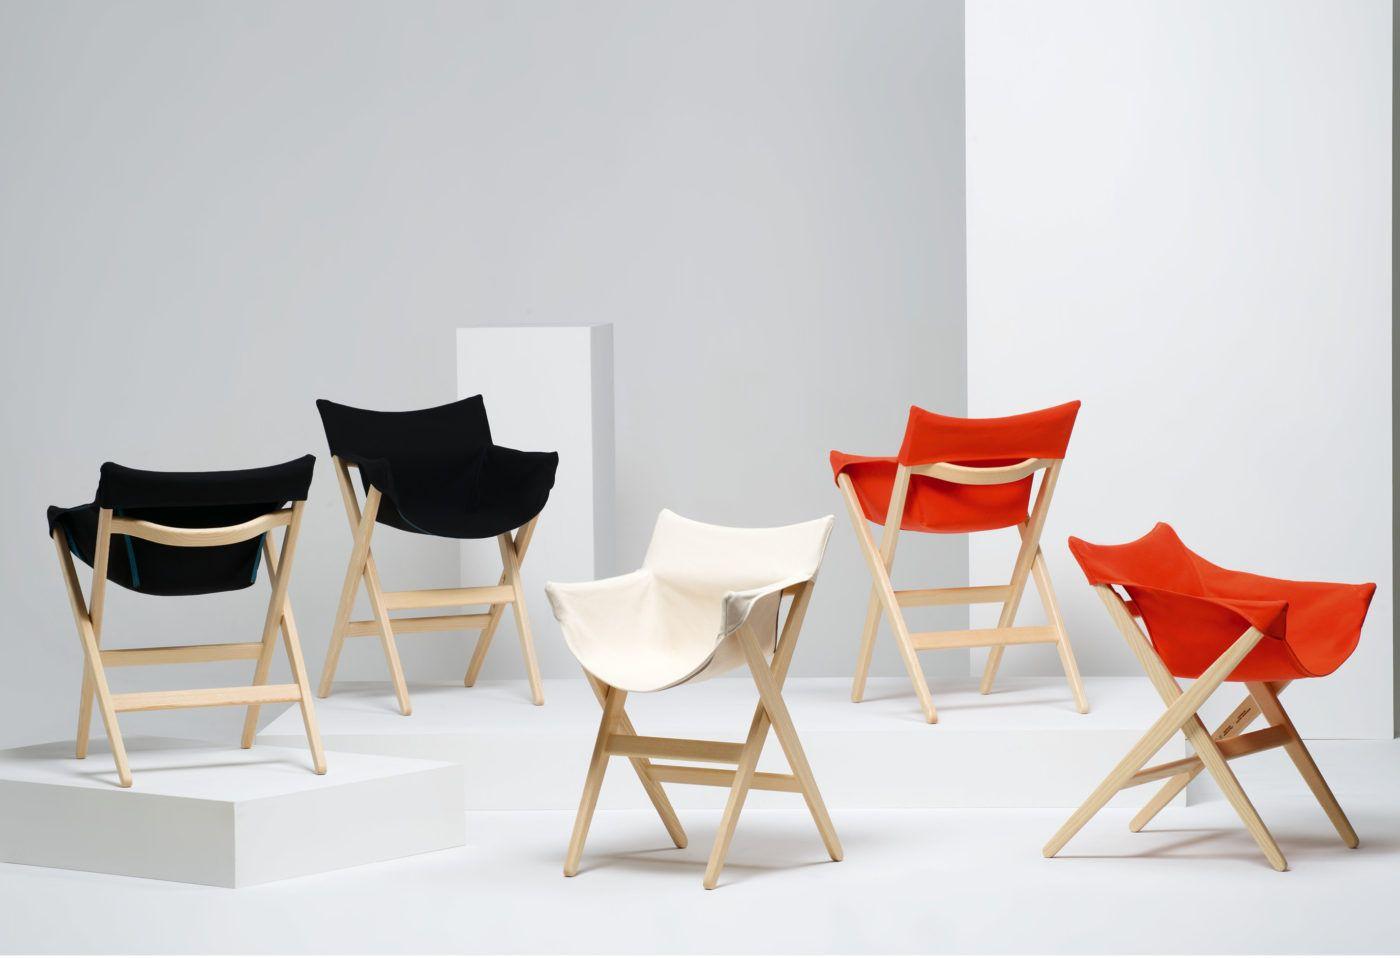 Tavolo E Sedie Campeggio.Mc6 Fionda Side Chair By Jasper Morrison For Goruntuler Ile